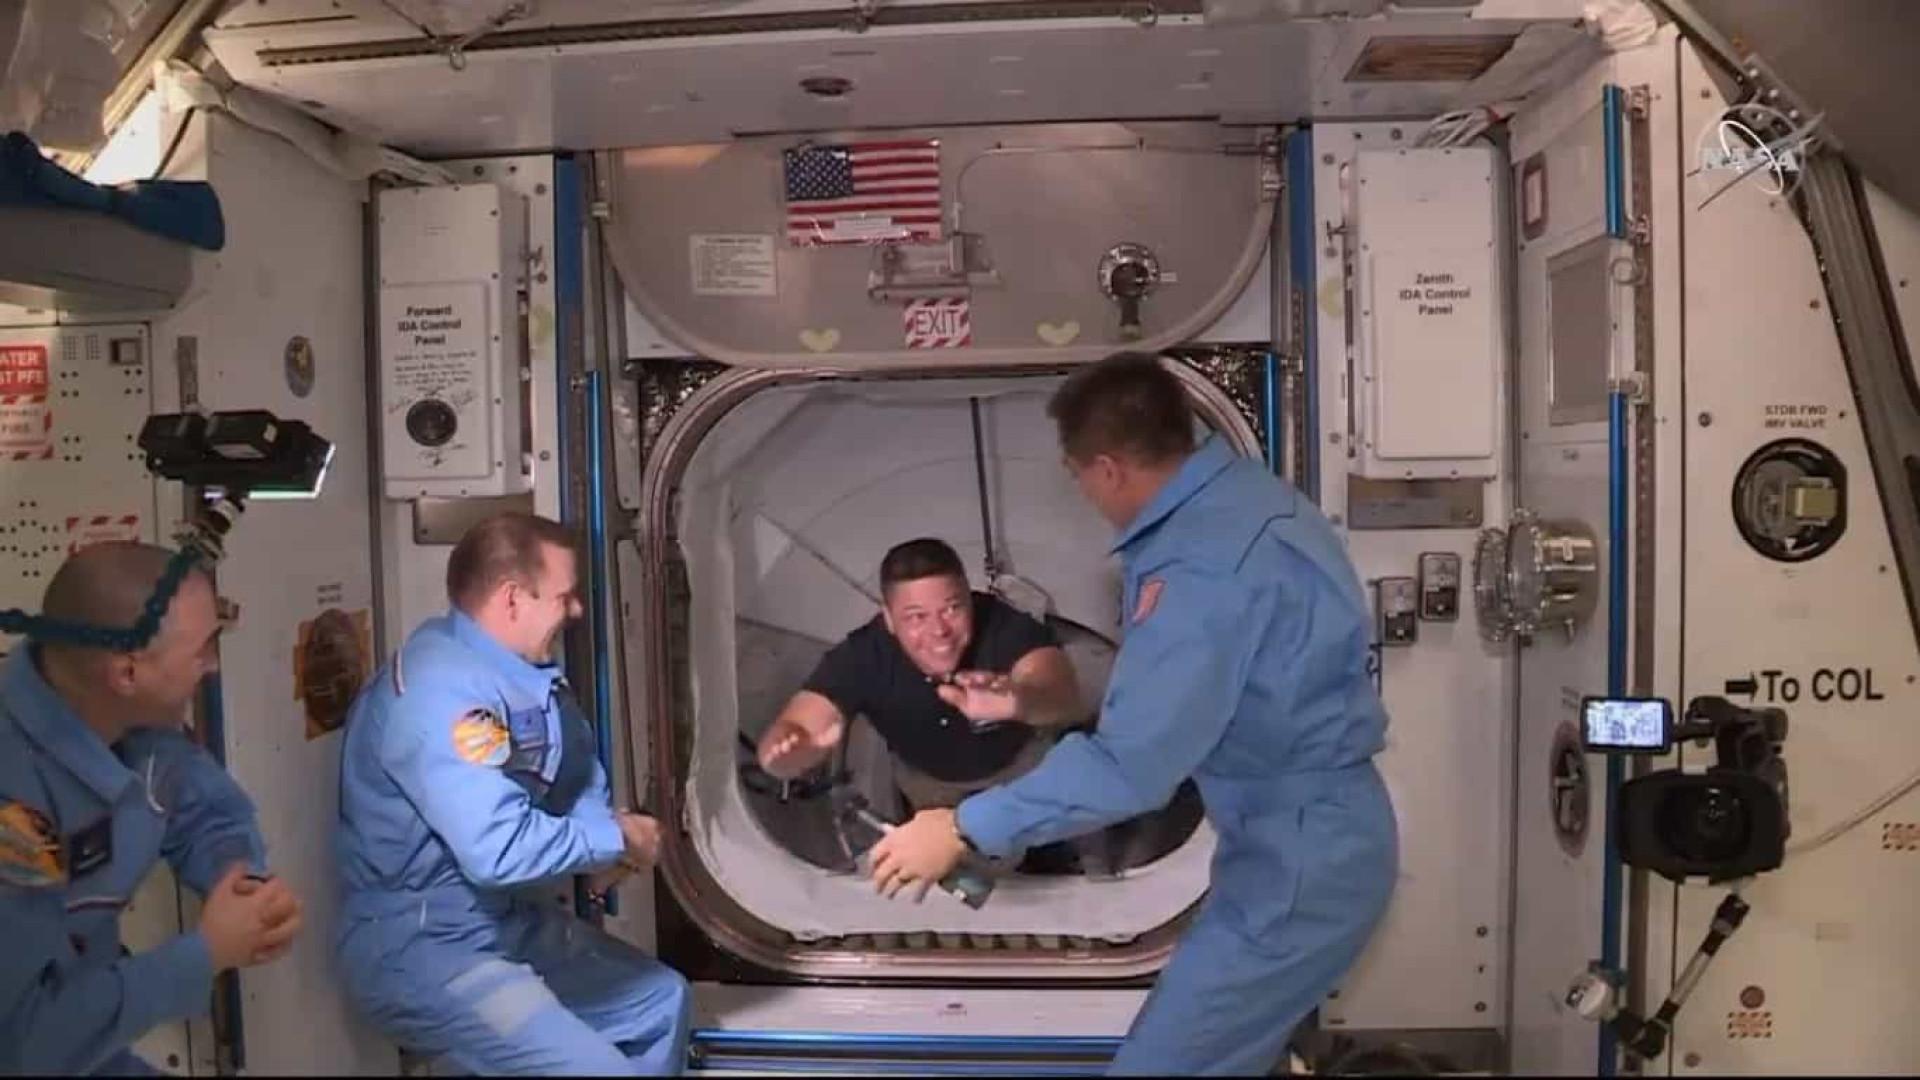 SpaceX: Bob entrou sorrindo, Doug deu cabeçada. Ambos fizeram história